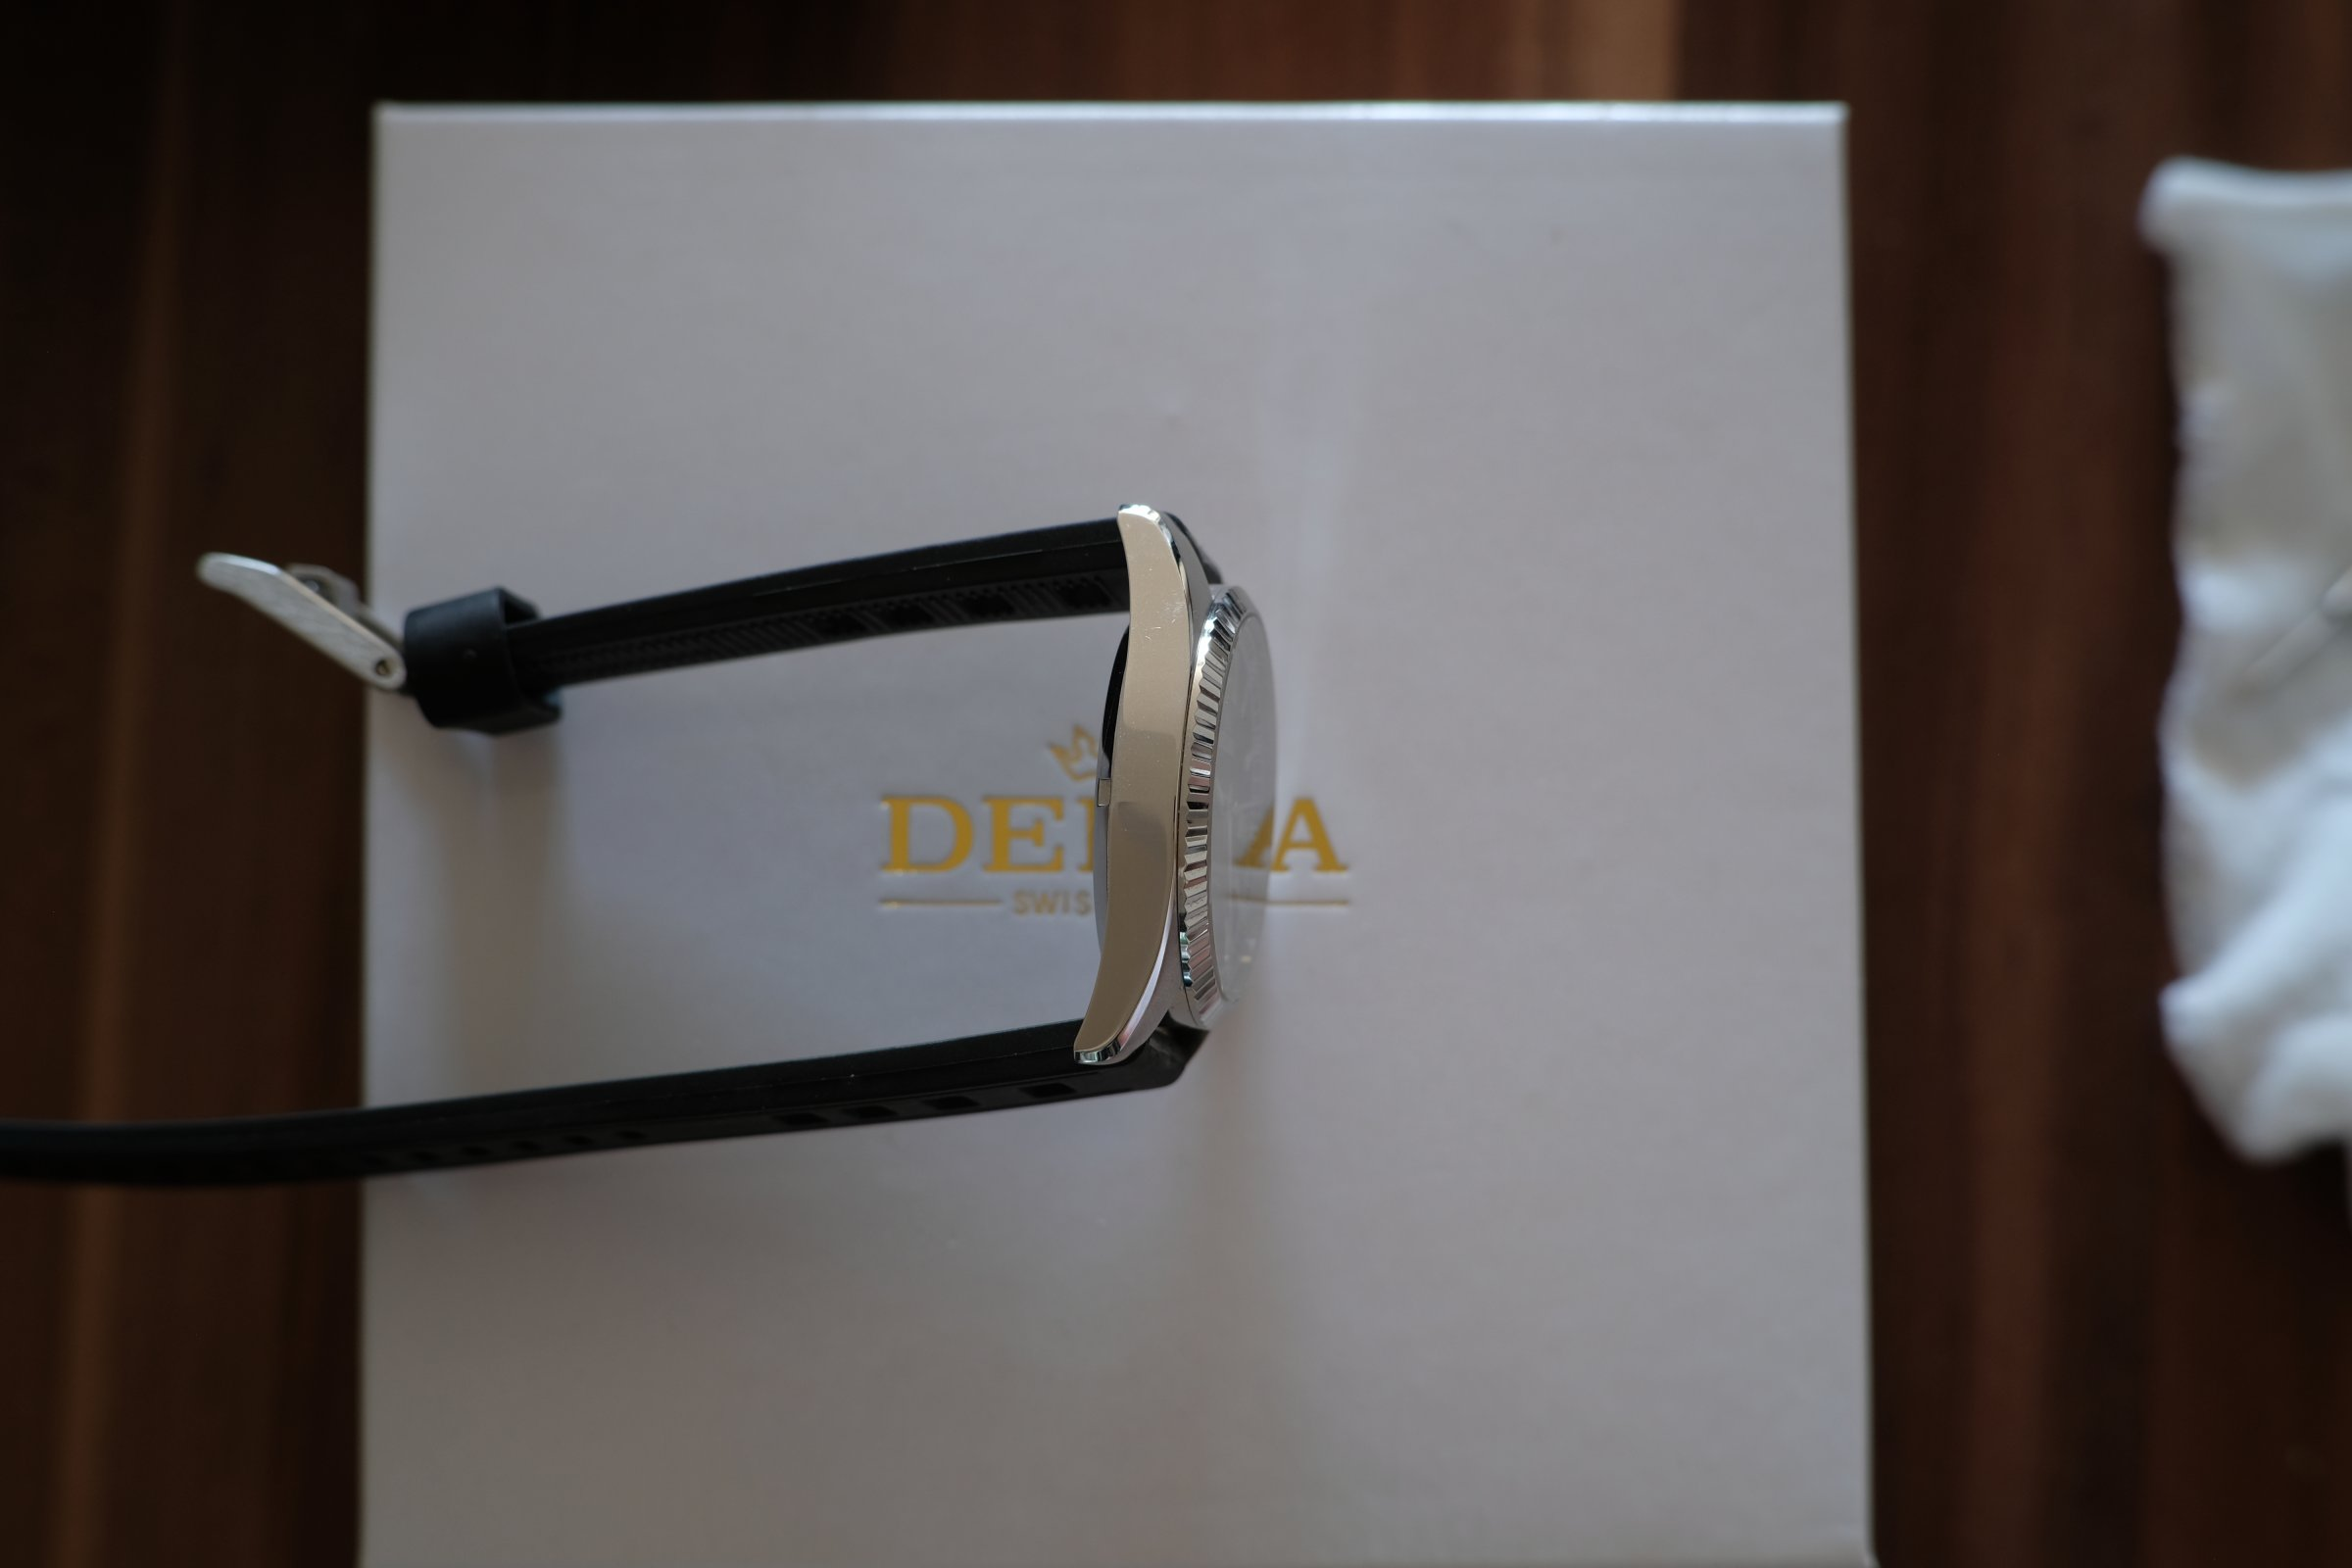 DSCF0266.JPG